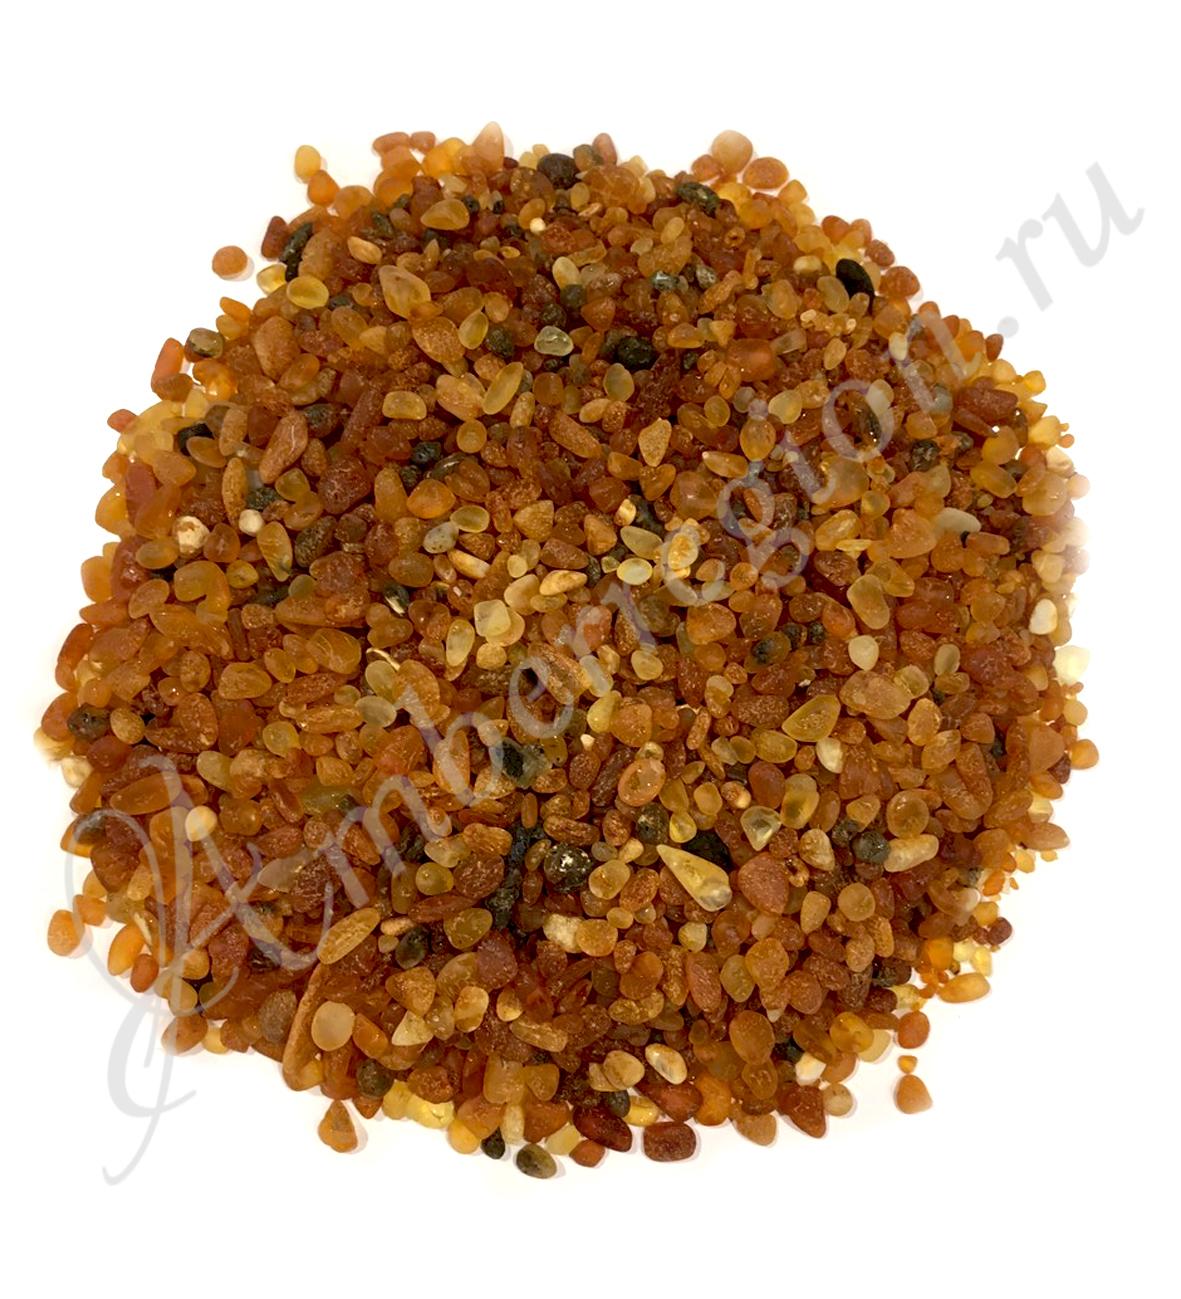 Янтарная крошка (полуфабрикат), фракция 5-6 мм (полутёмный) неполированный (алмазная шлифовка)